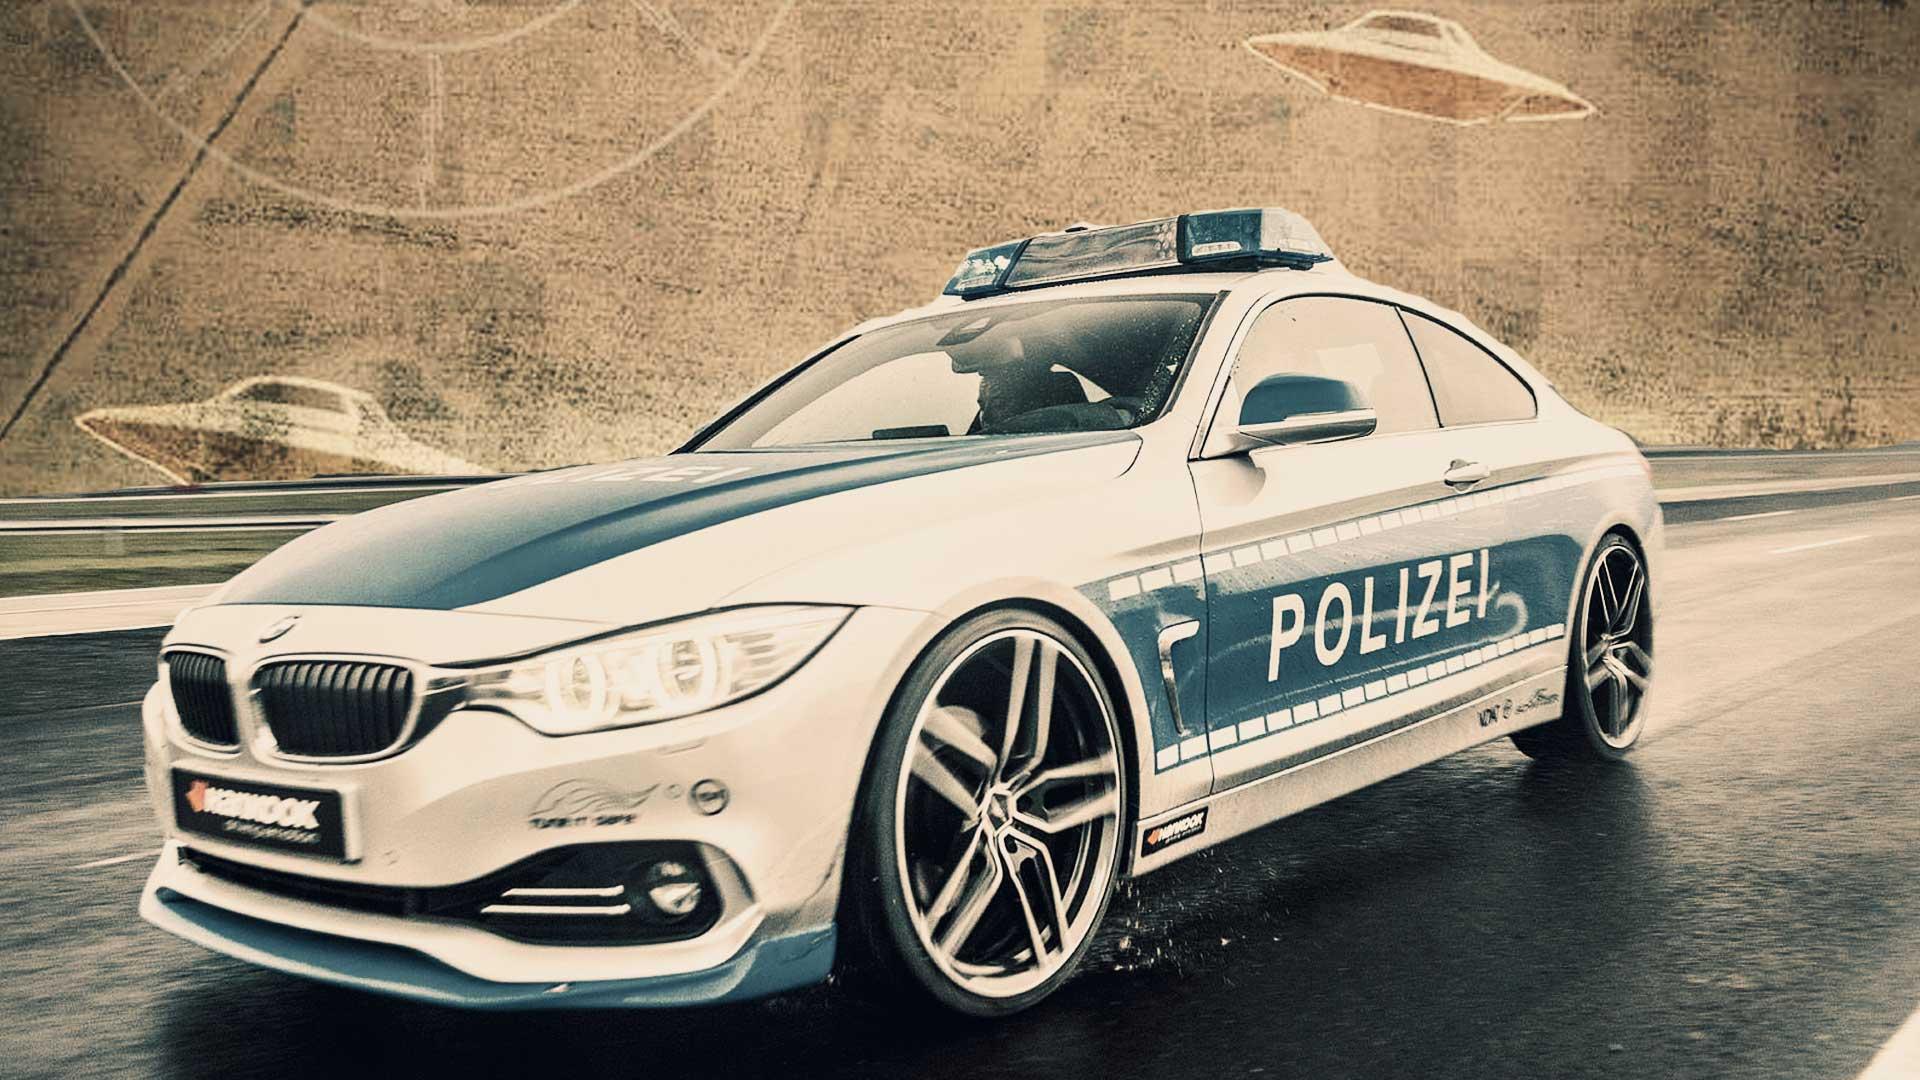 Vídeo grabado por la policía alemana muestra avistamiento OVNI